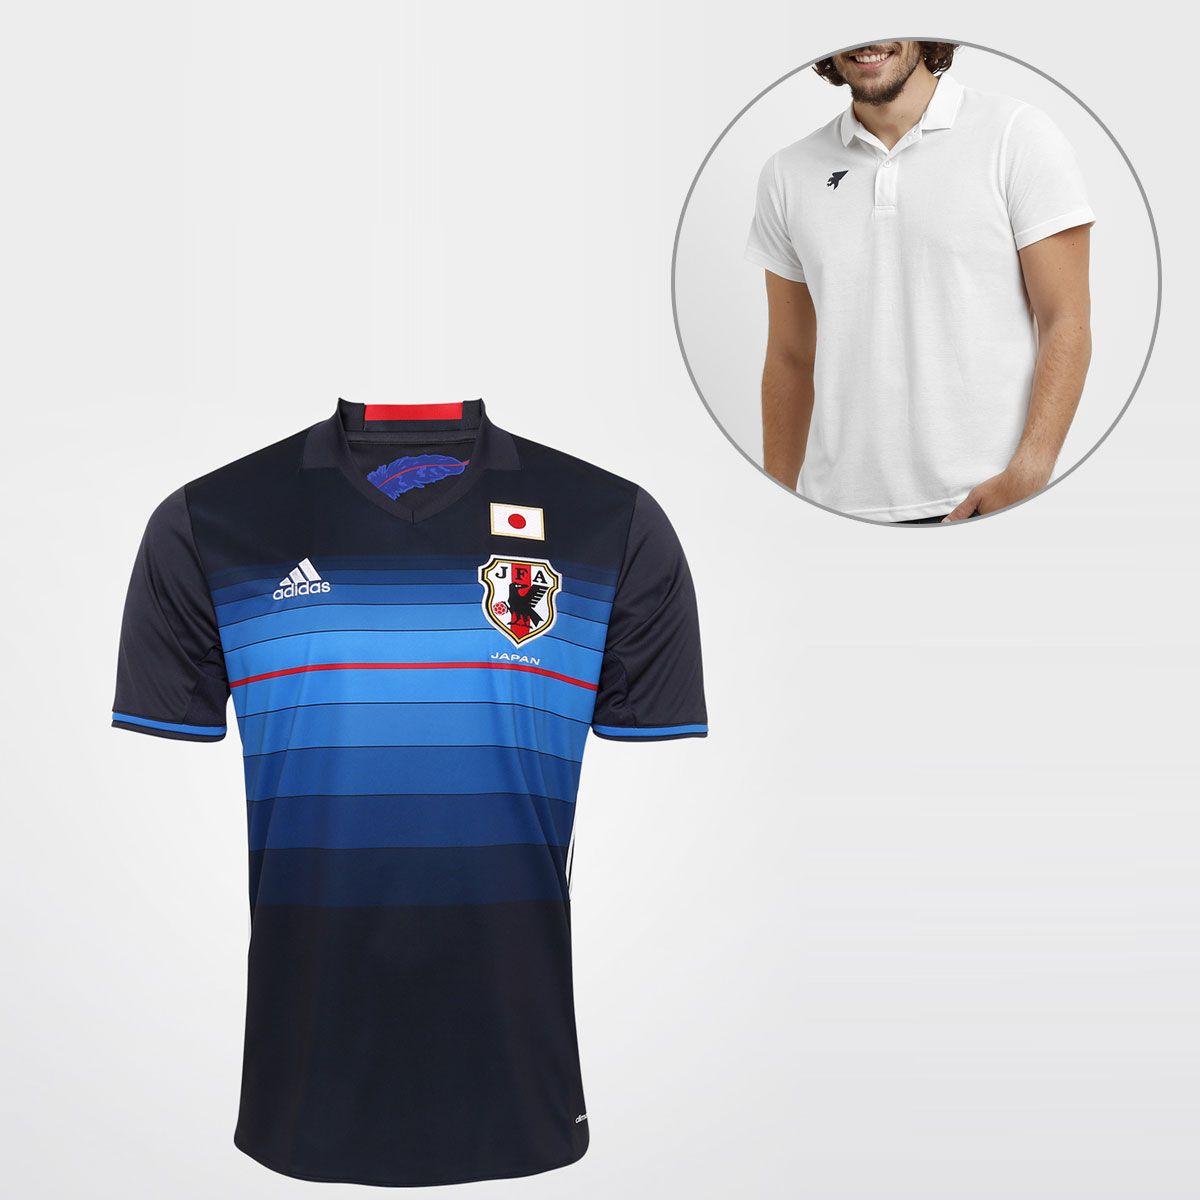 Veja Camisa Adidas Seleção Japão Home 2016 s/nº + Camisa Polo Joma e outros productos na Netshoes